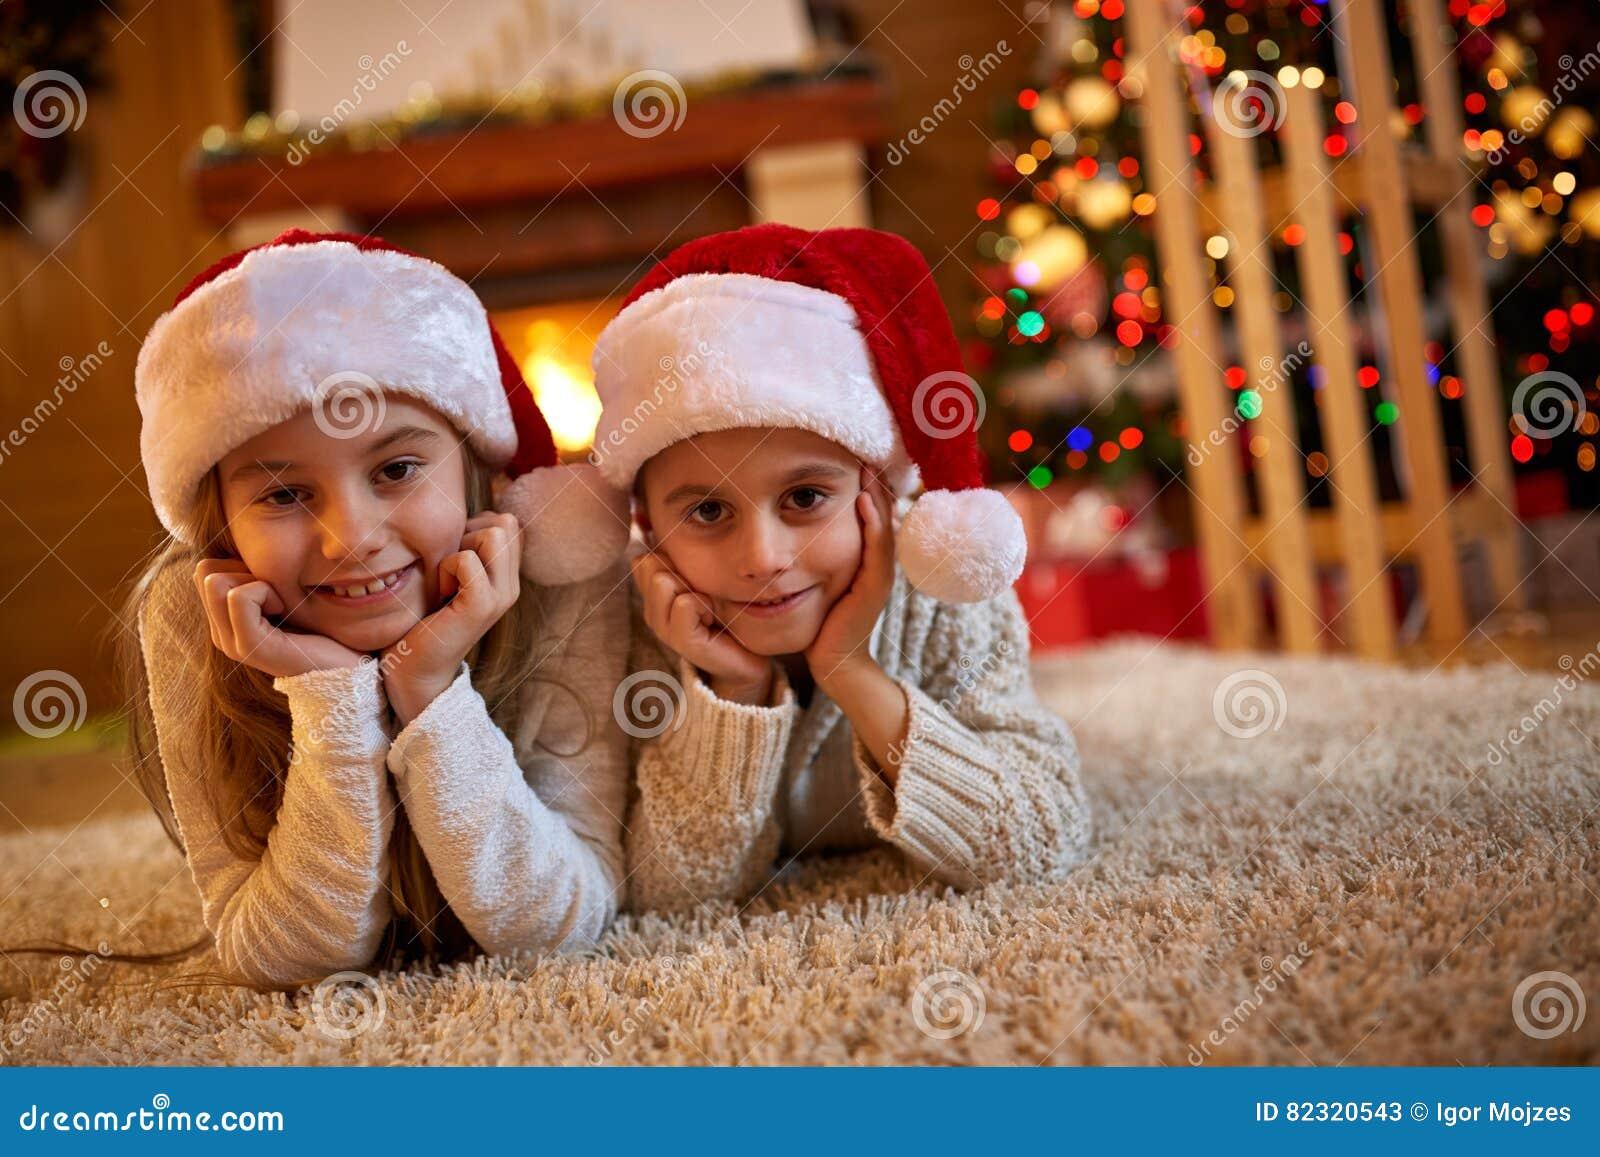 Notte di Natale - bambini che aspettano Santa Claus